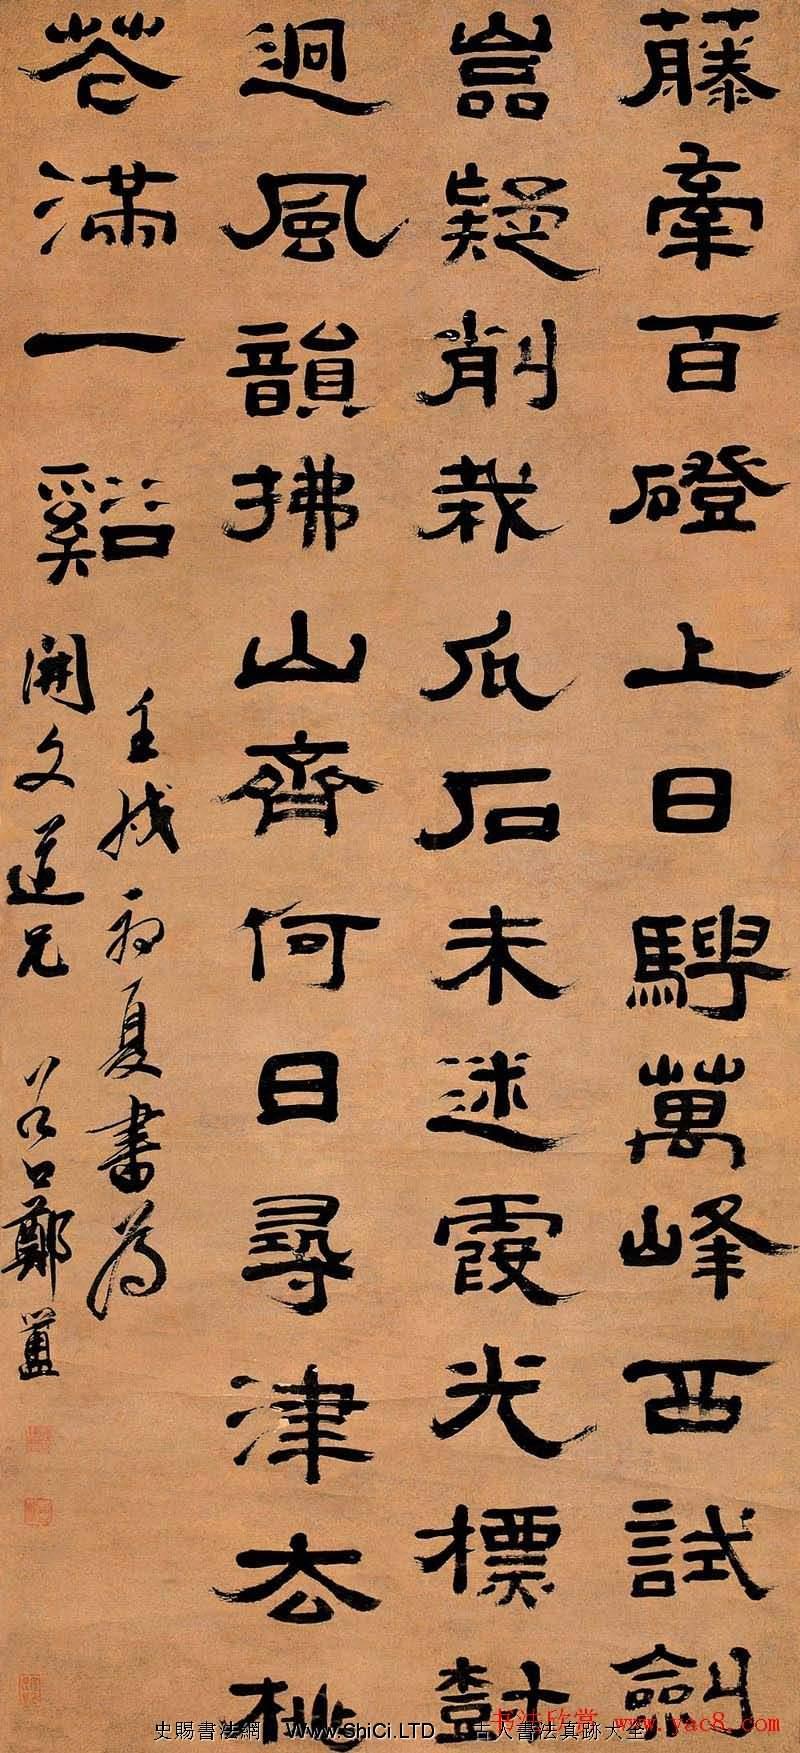 清代隸書第一人鄭簠隸書作品真跡(共10張圖片)